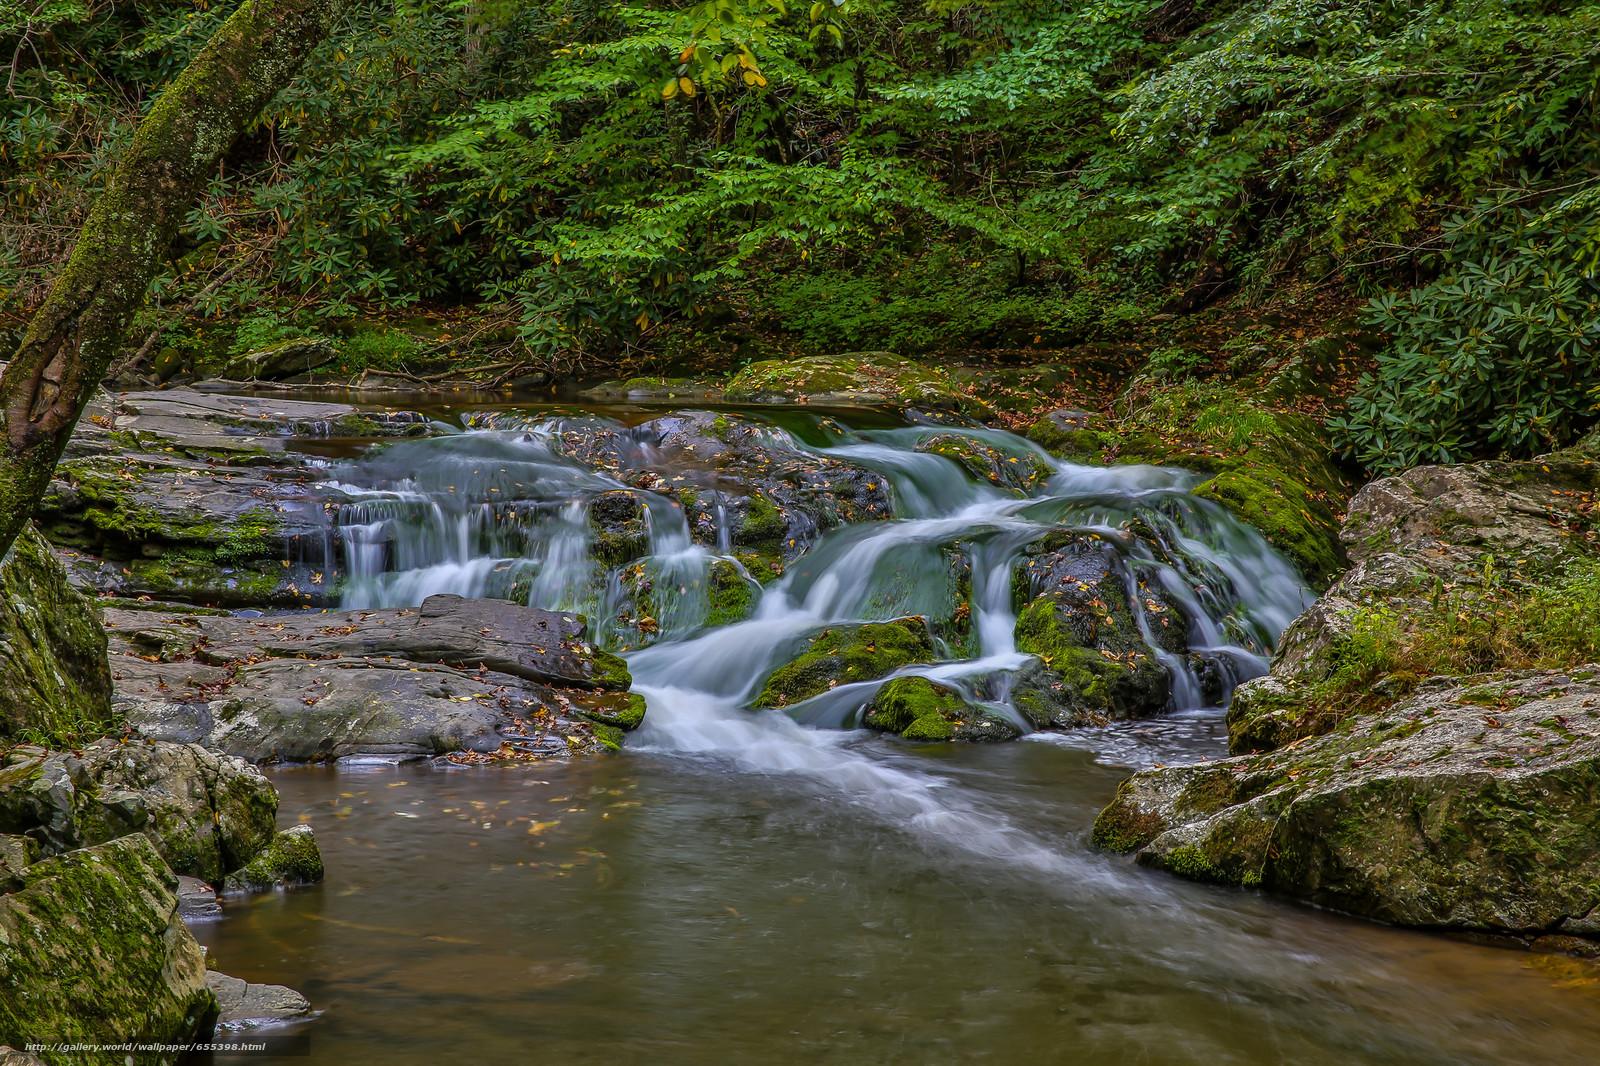 Tlcharger Fond d'ecran Cascade,  Grands Smokey Mountains,  rivière,  cascade Fonds d'ecran gratuits pour votre rsolution du bureau 2048x1365 — image №655398